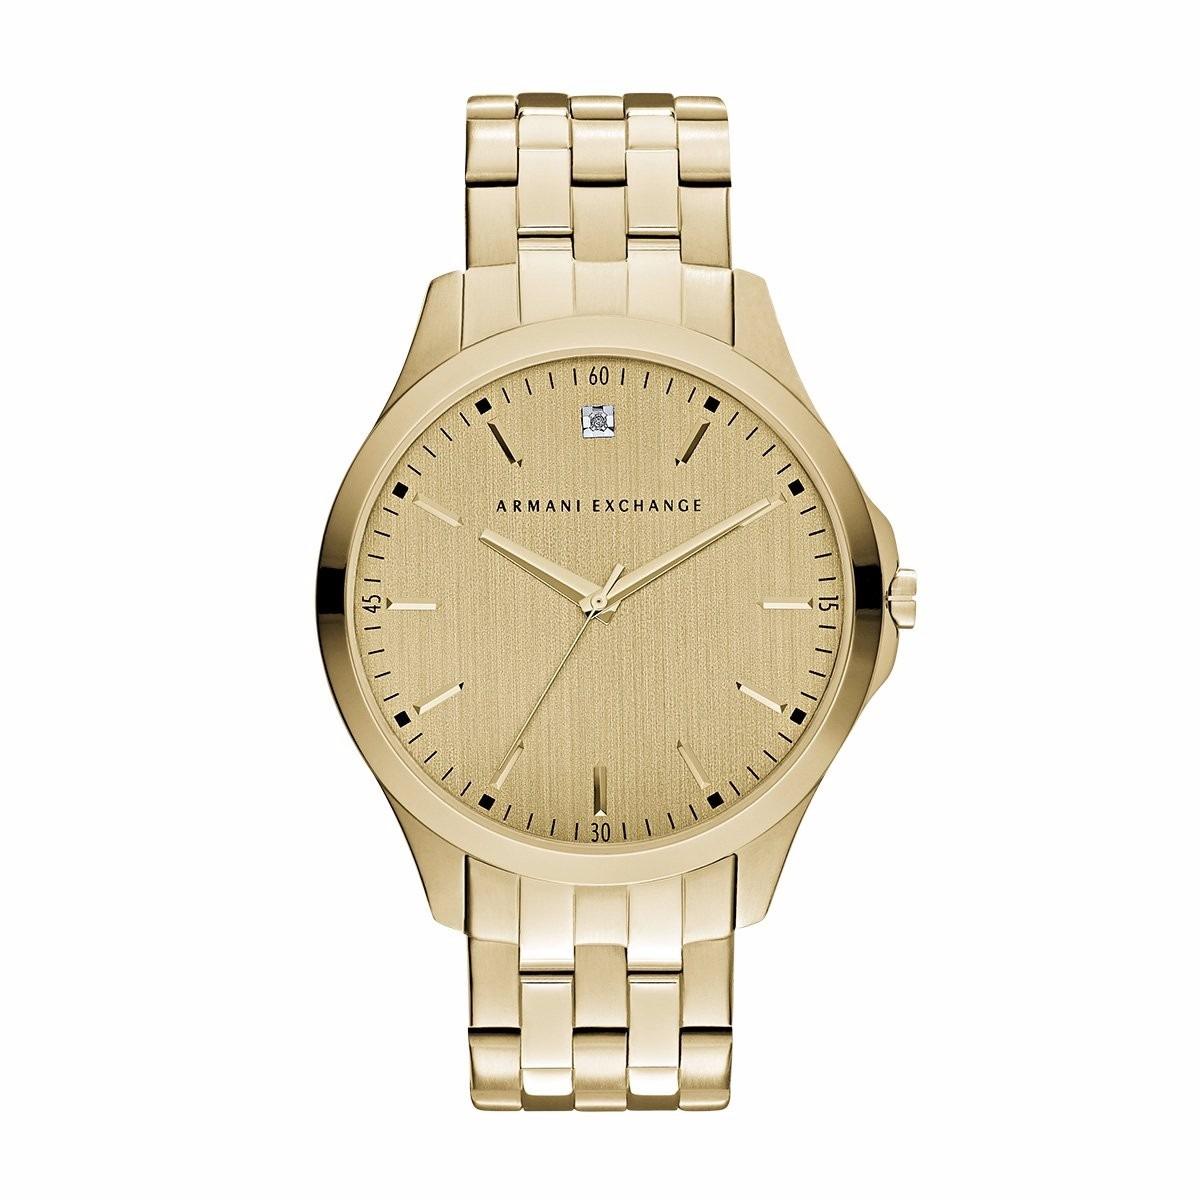 Reloj armani exchange hombre mercadolibre